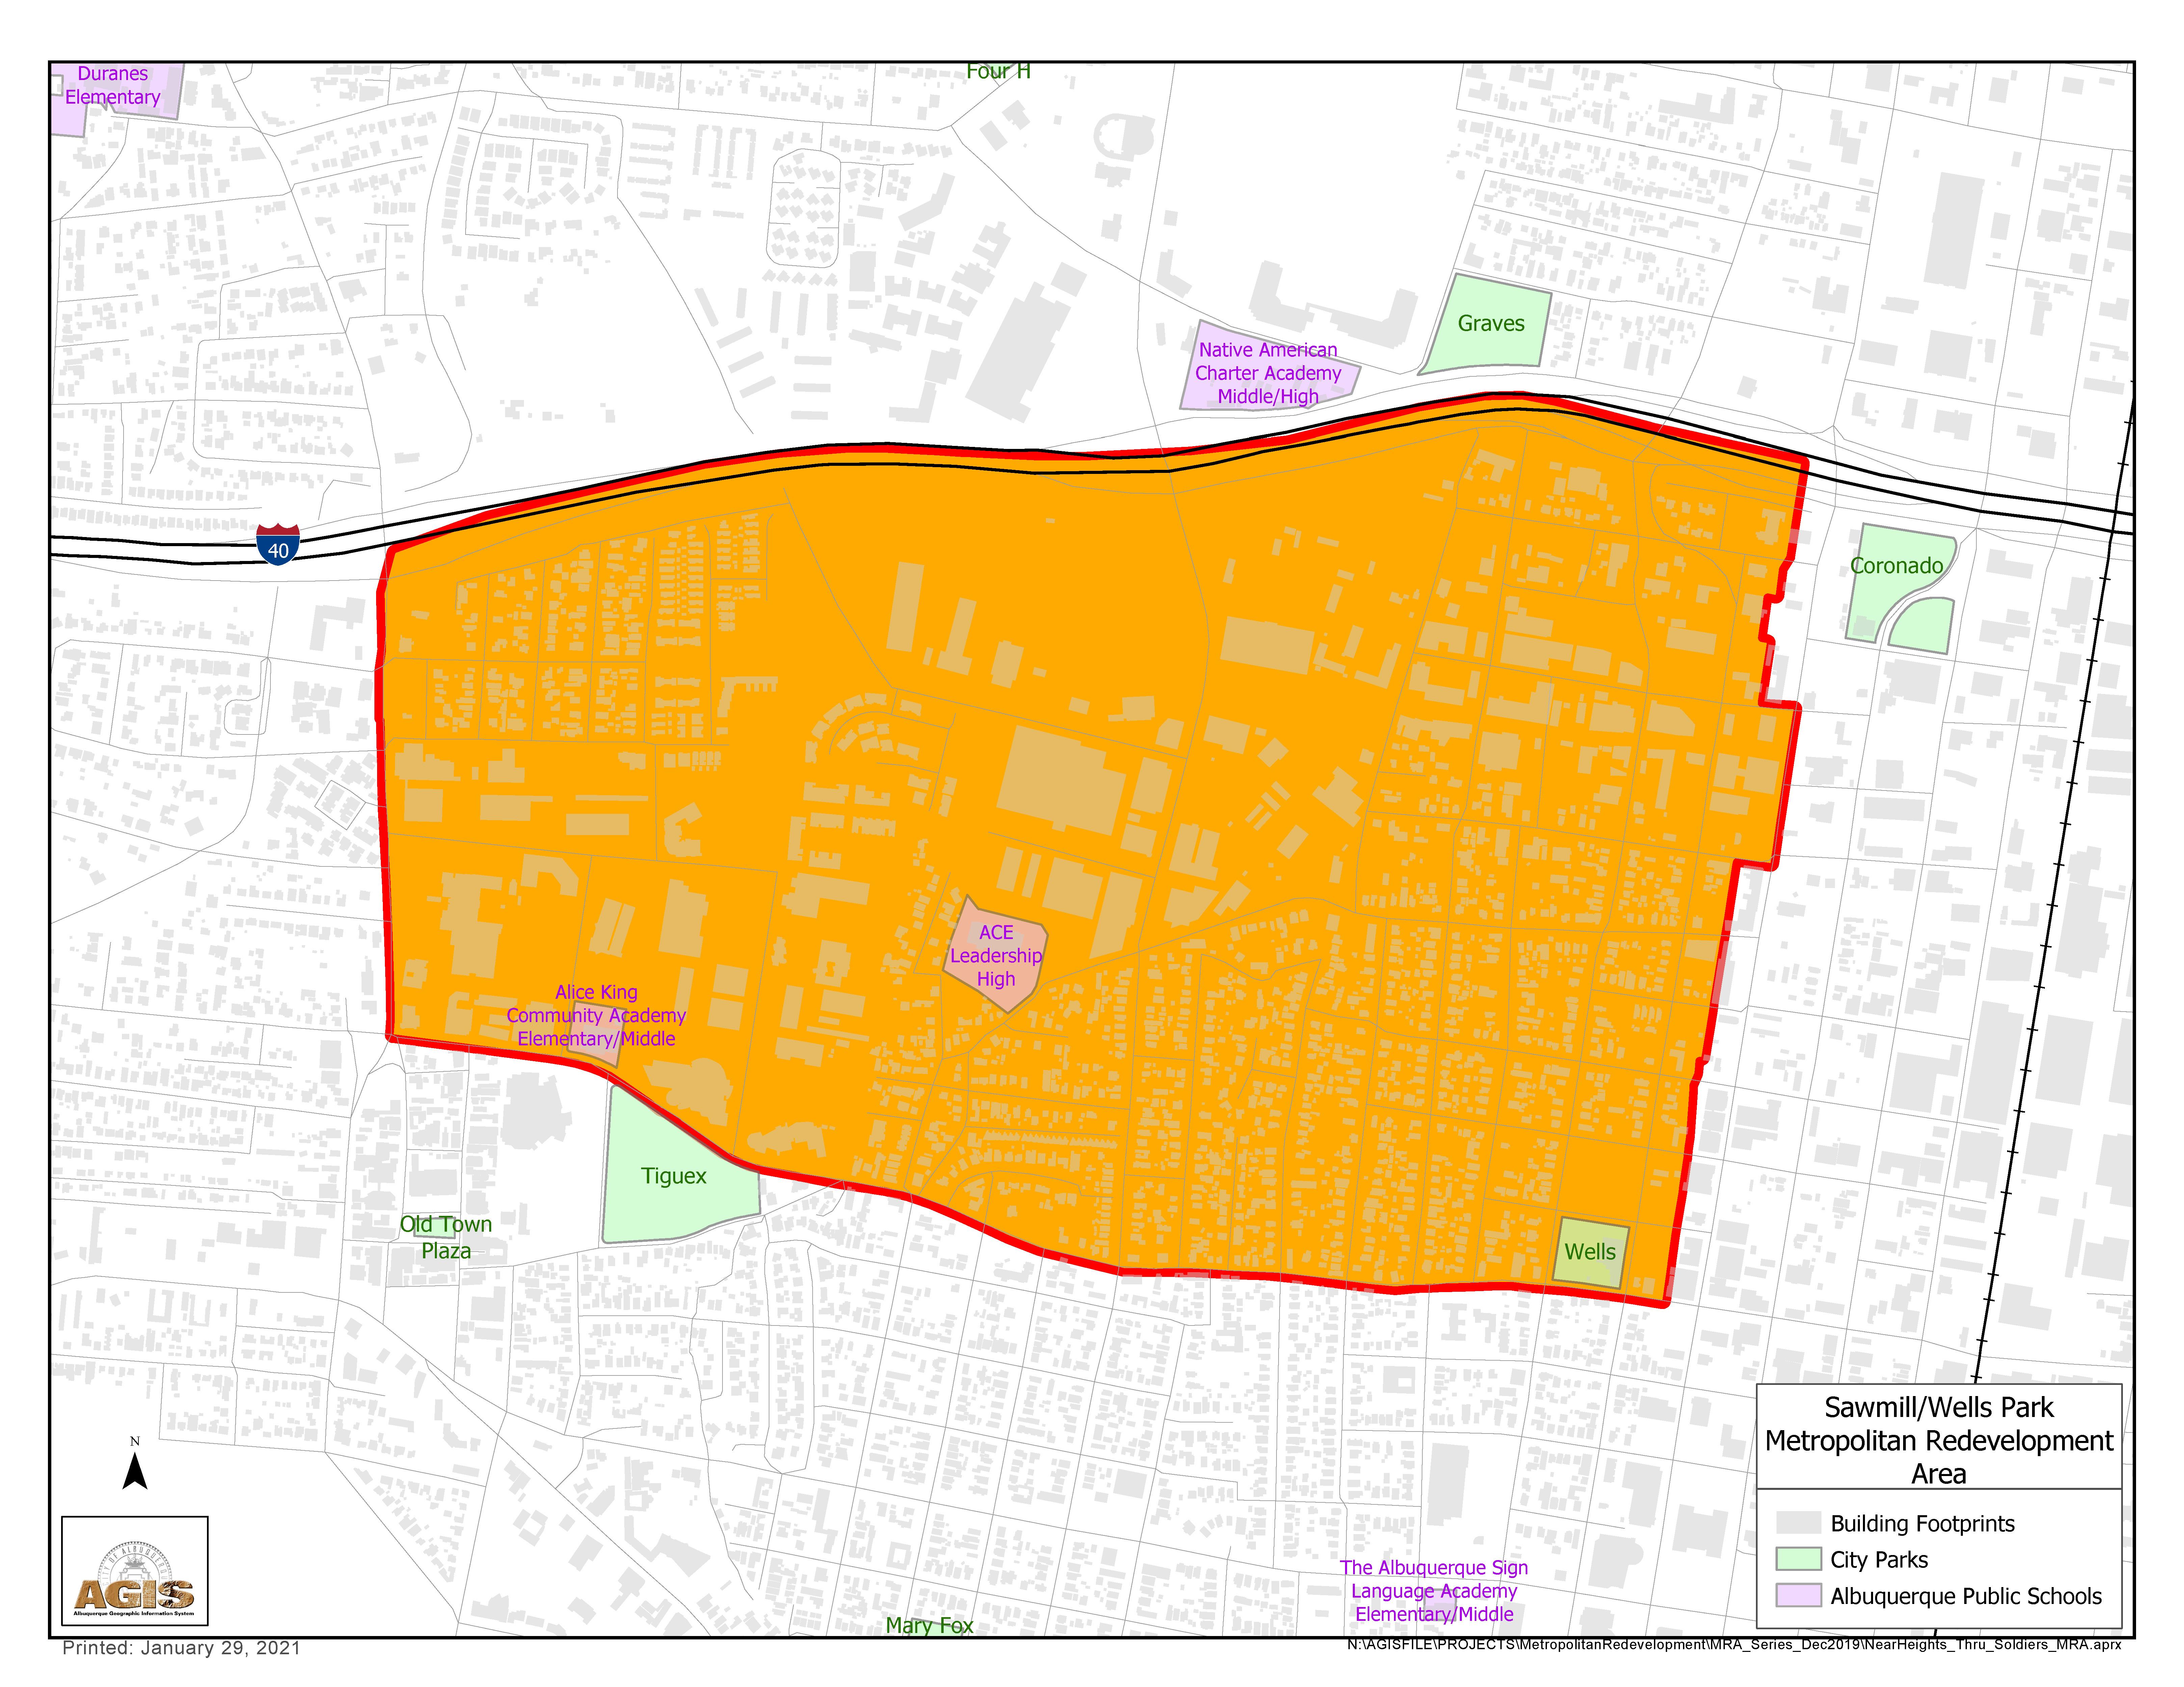 Sawmill Wells Park MRA Map